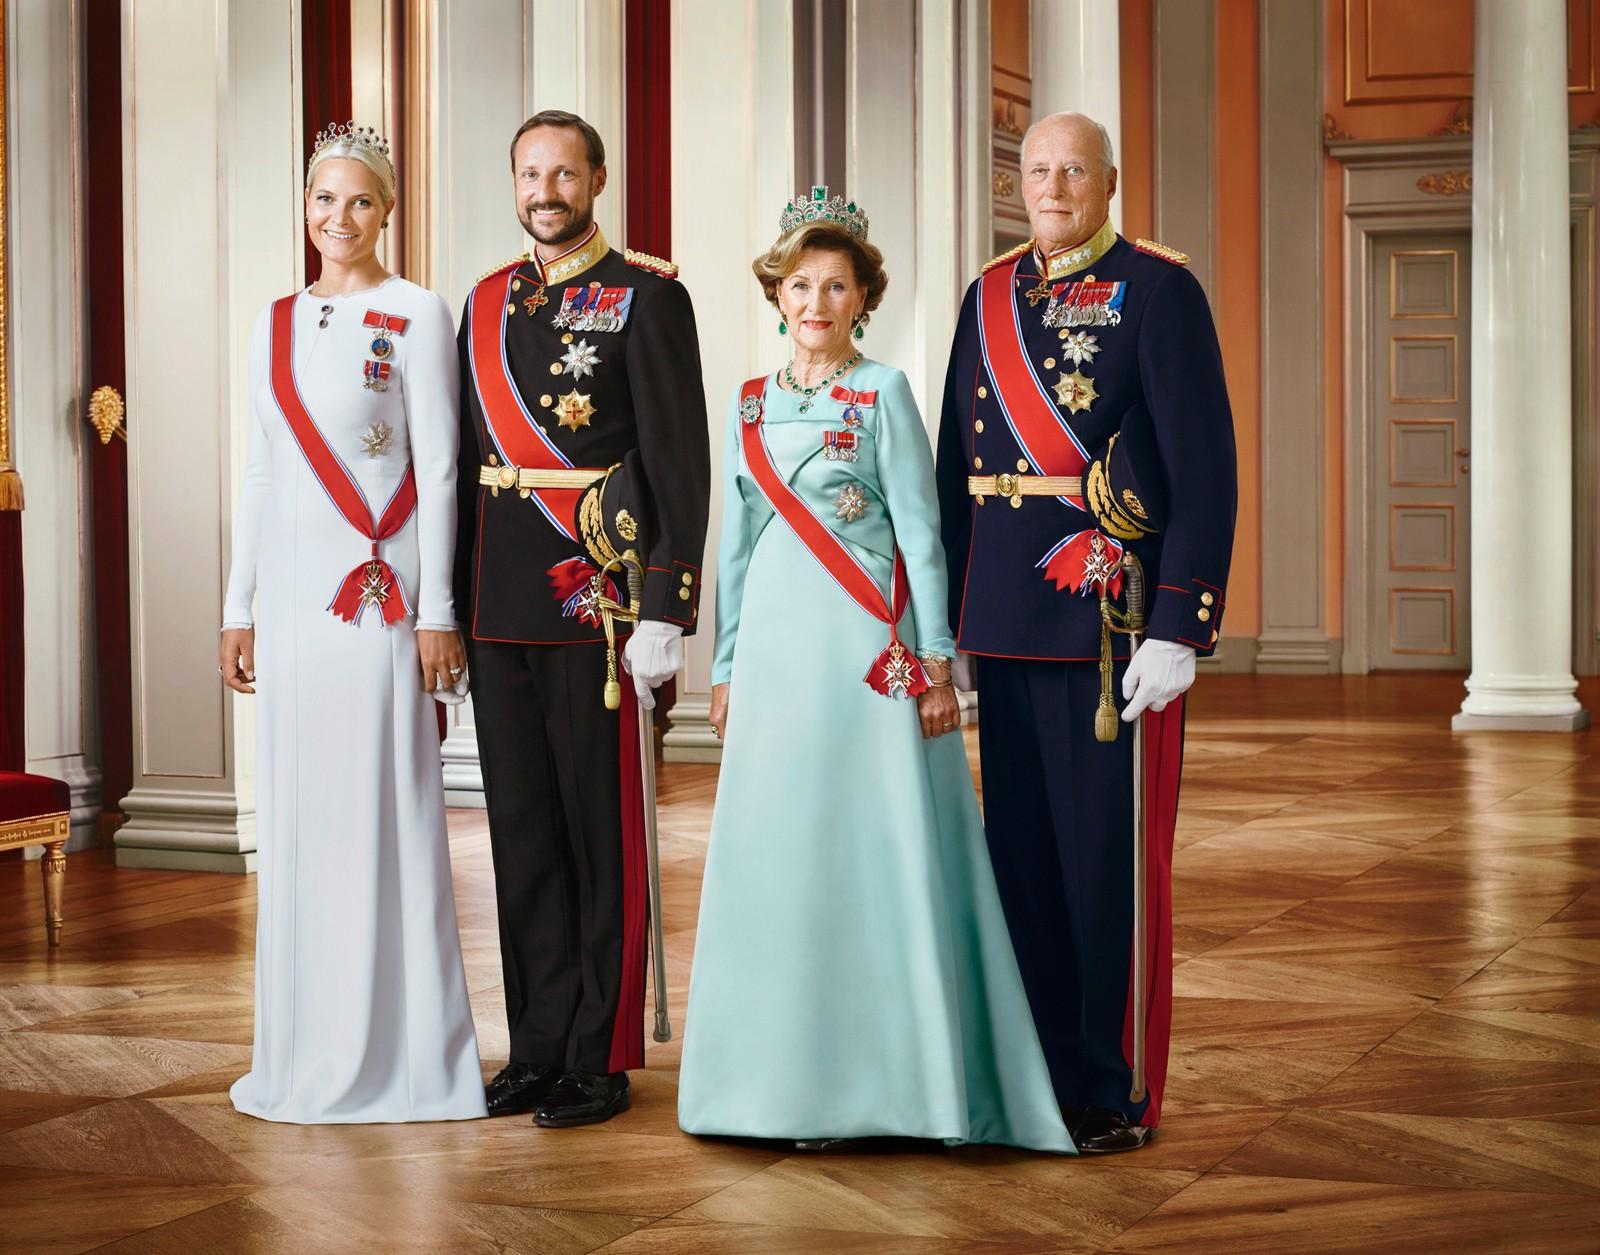 Kronprinsesse Mette Marit, kronprins Haakon, dronning Sonja og kong Harald i gallaantrekk. Bildet er et av flere offisielle bilder utgitt i forbindelse med kongeparets 25-årsjubileum.